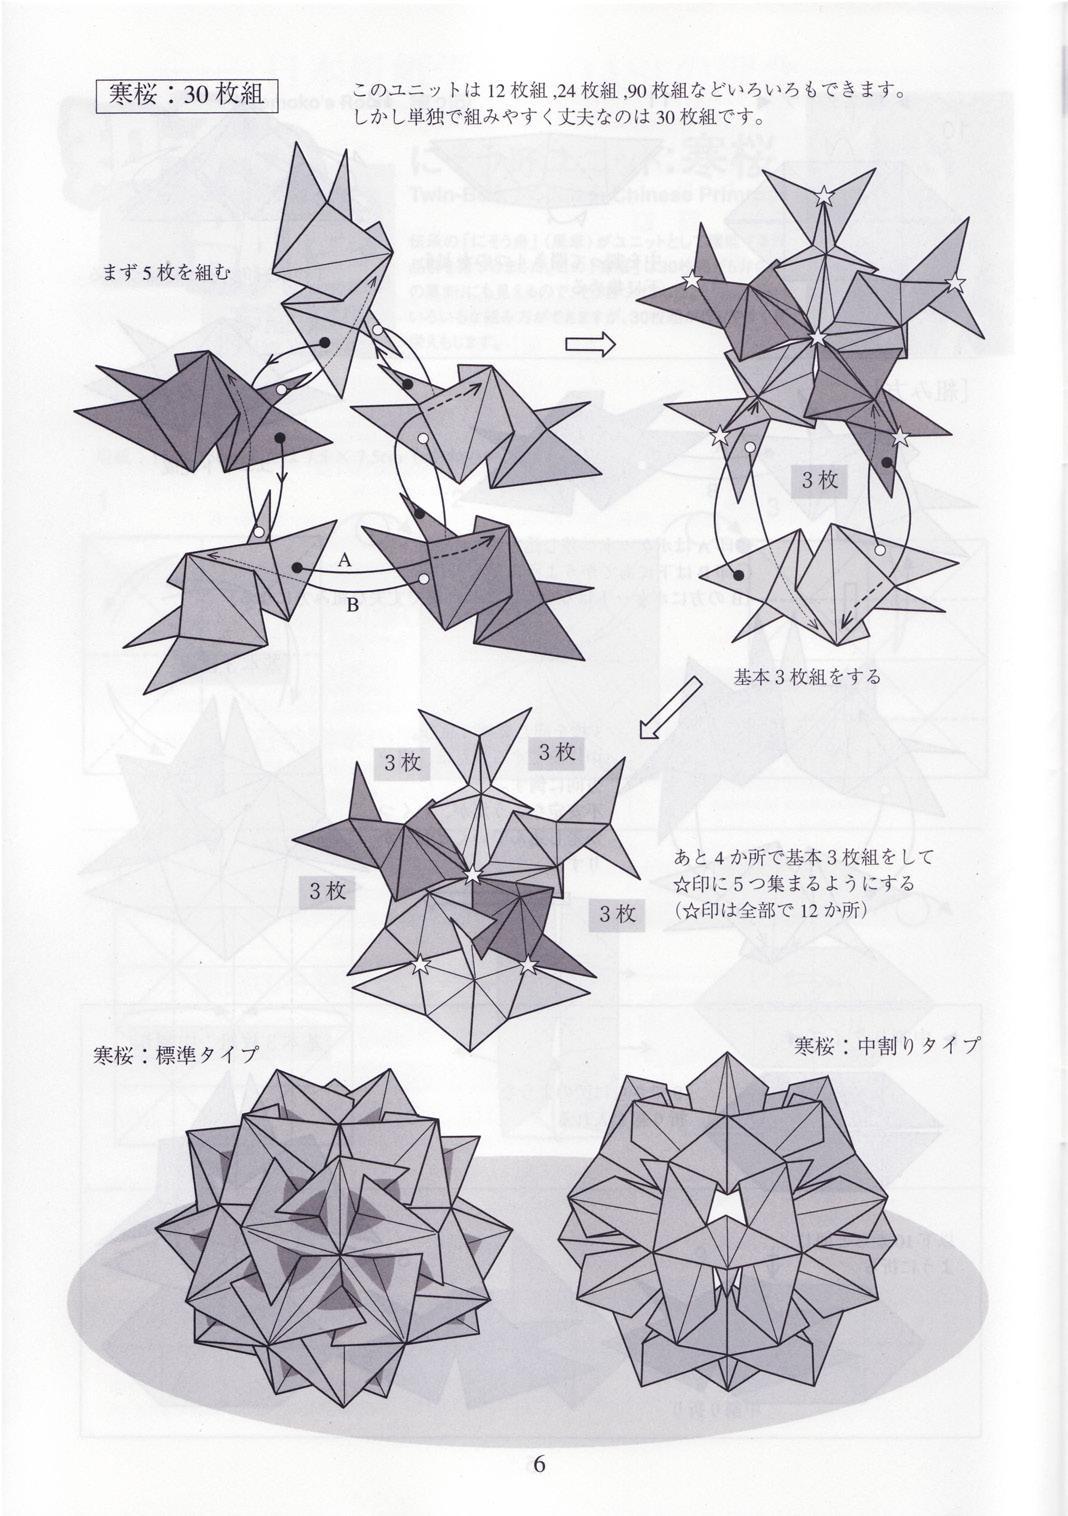 отличает собратьев оригами схема сборки магического шара в картинках меня кот кошкой